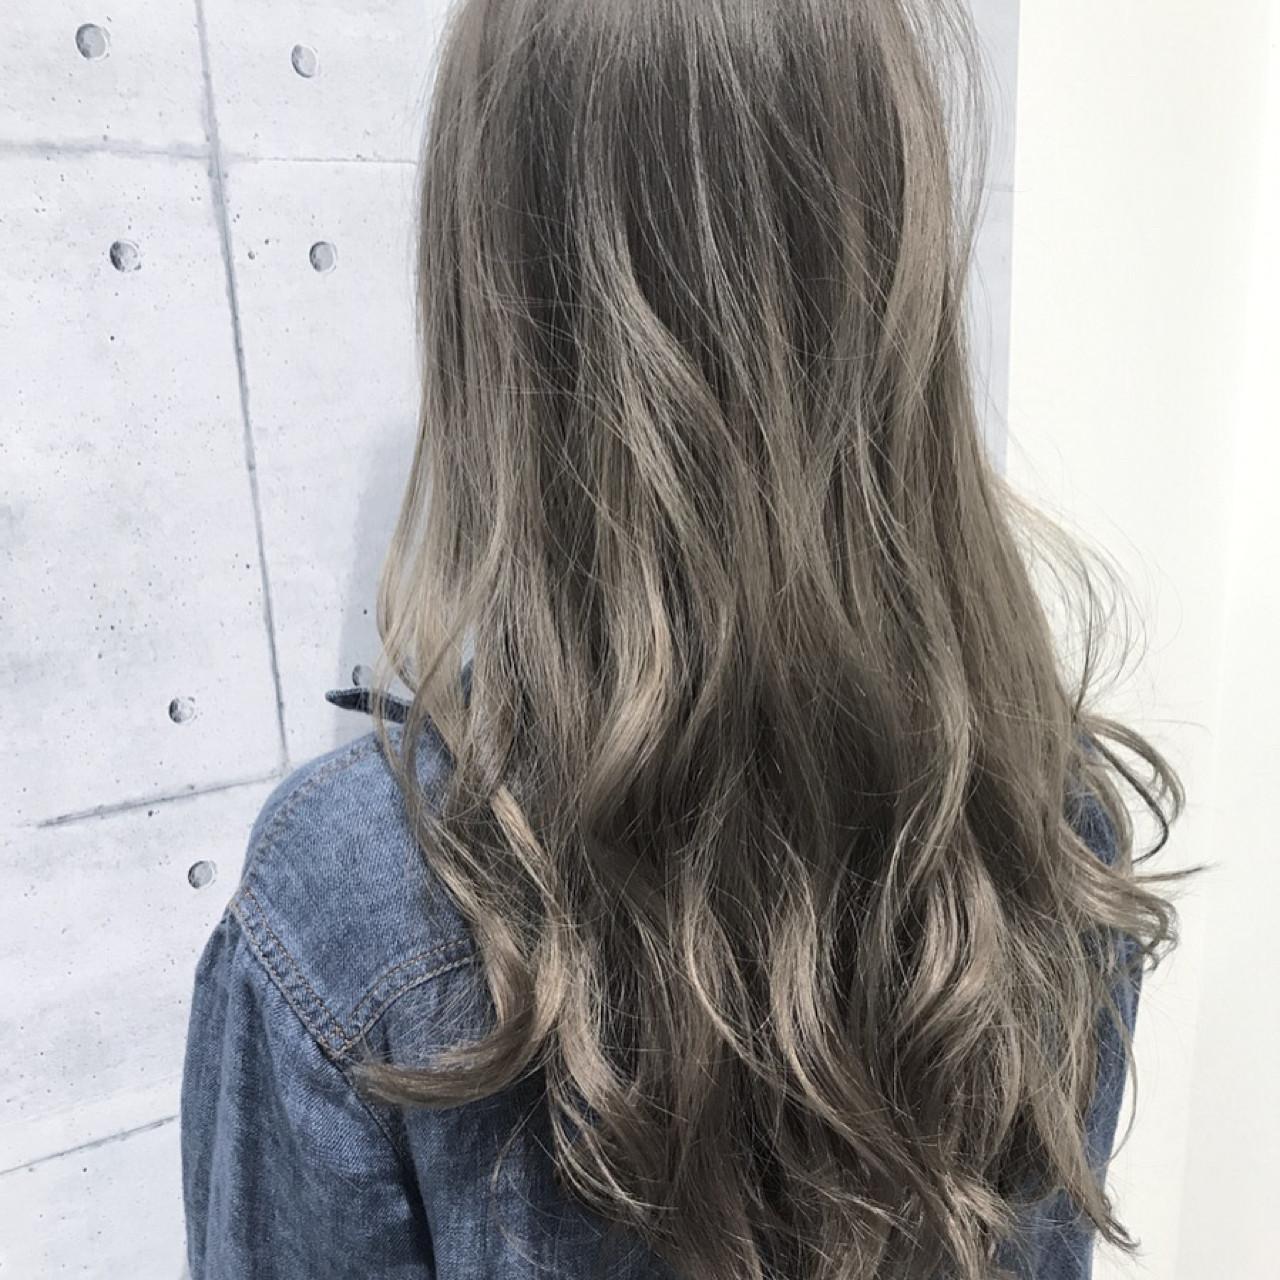 抜け感 モード ウェーブ アンニュイ ヘアスタイルや髪型の写真・画像